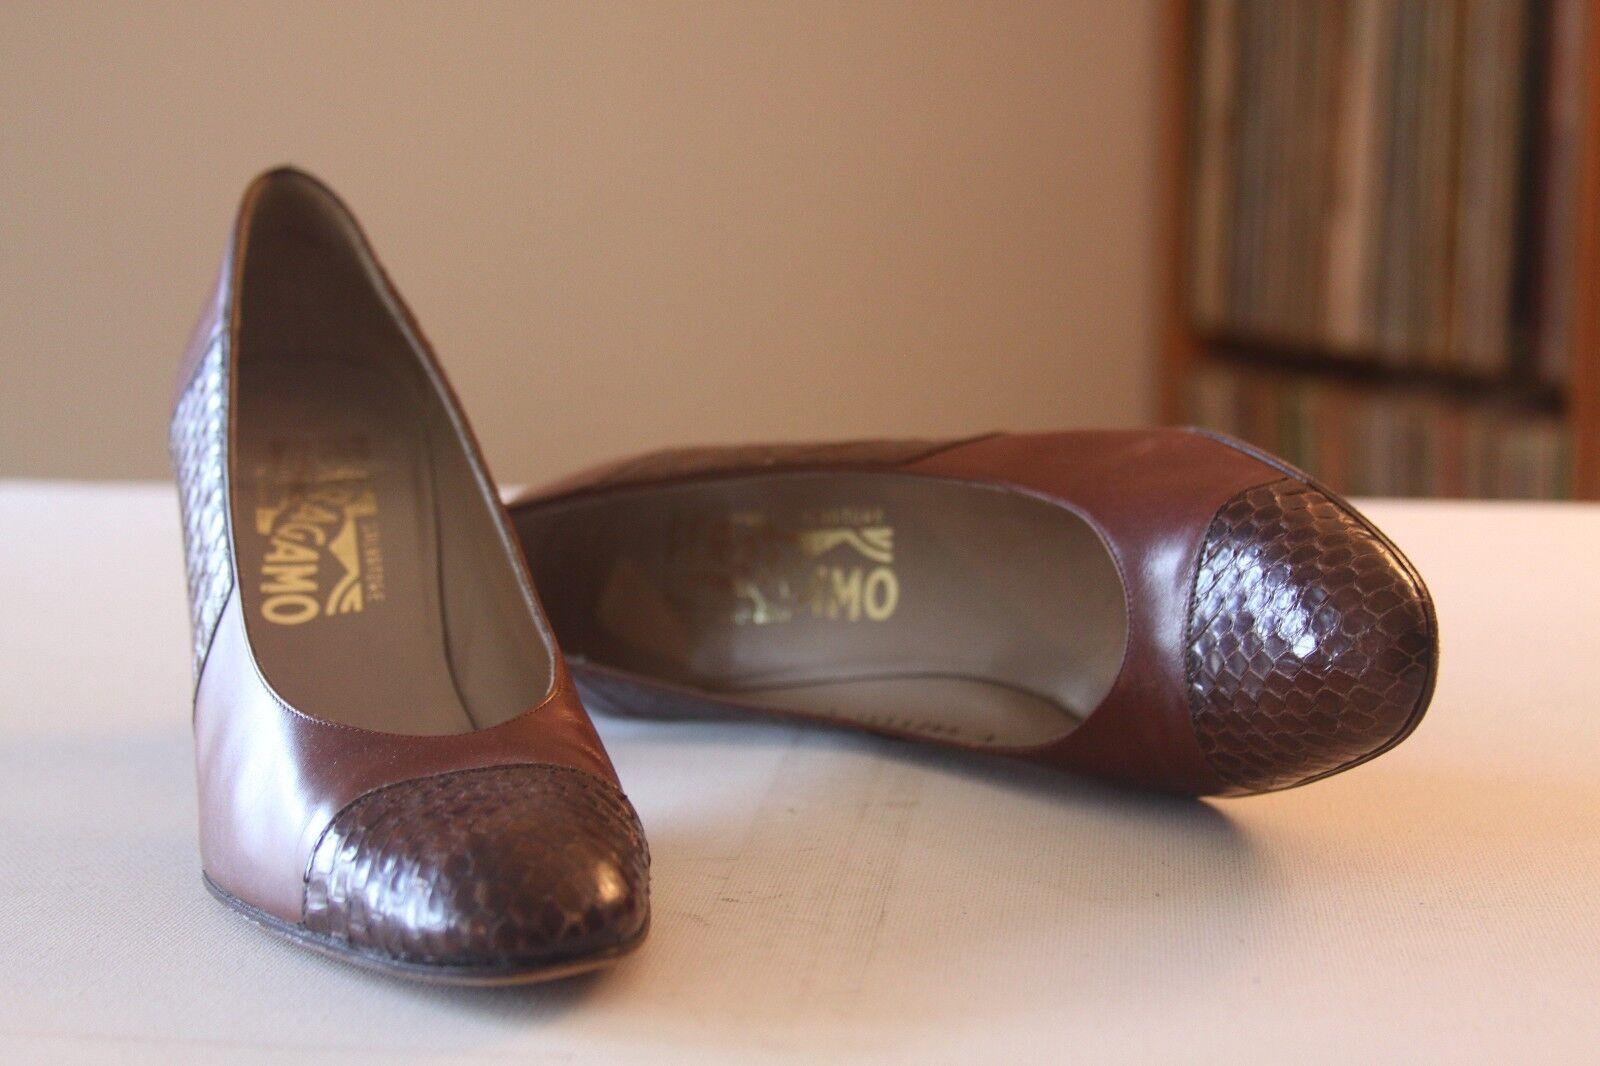 Salvatore Ferragamo Braun Leder Snakeskin 3 Inch Heel Pumps Größe 7 AAAA